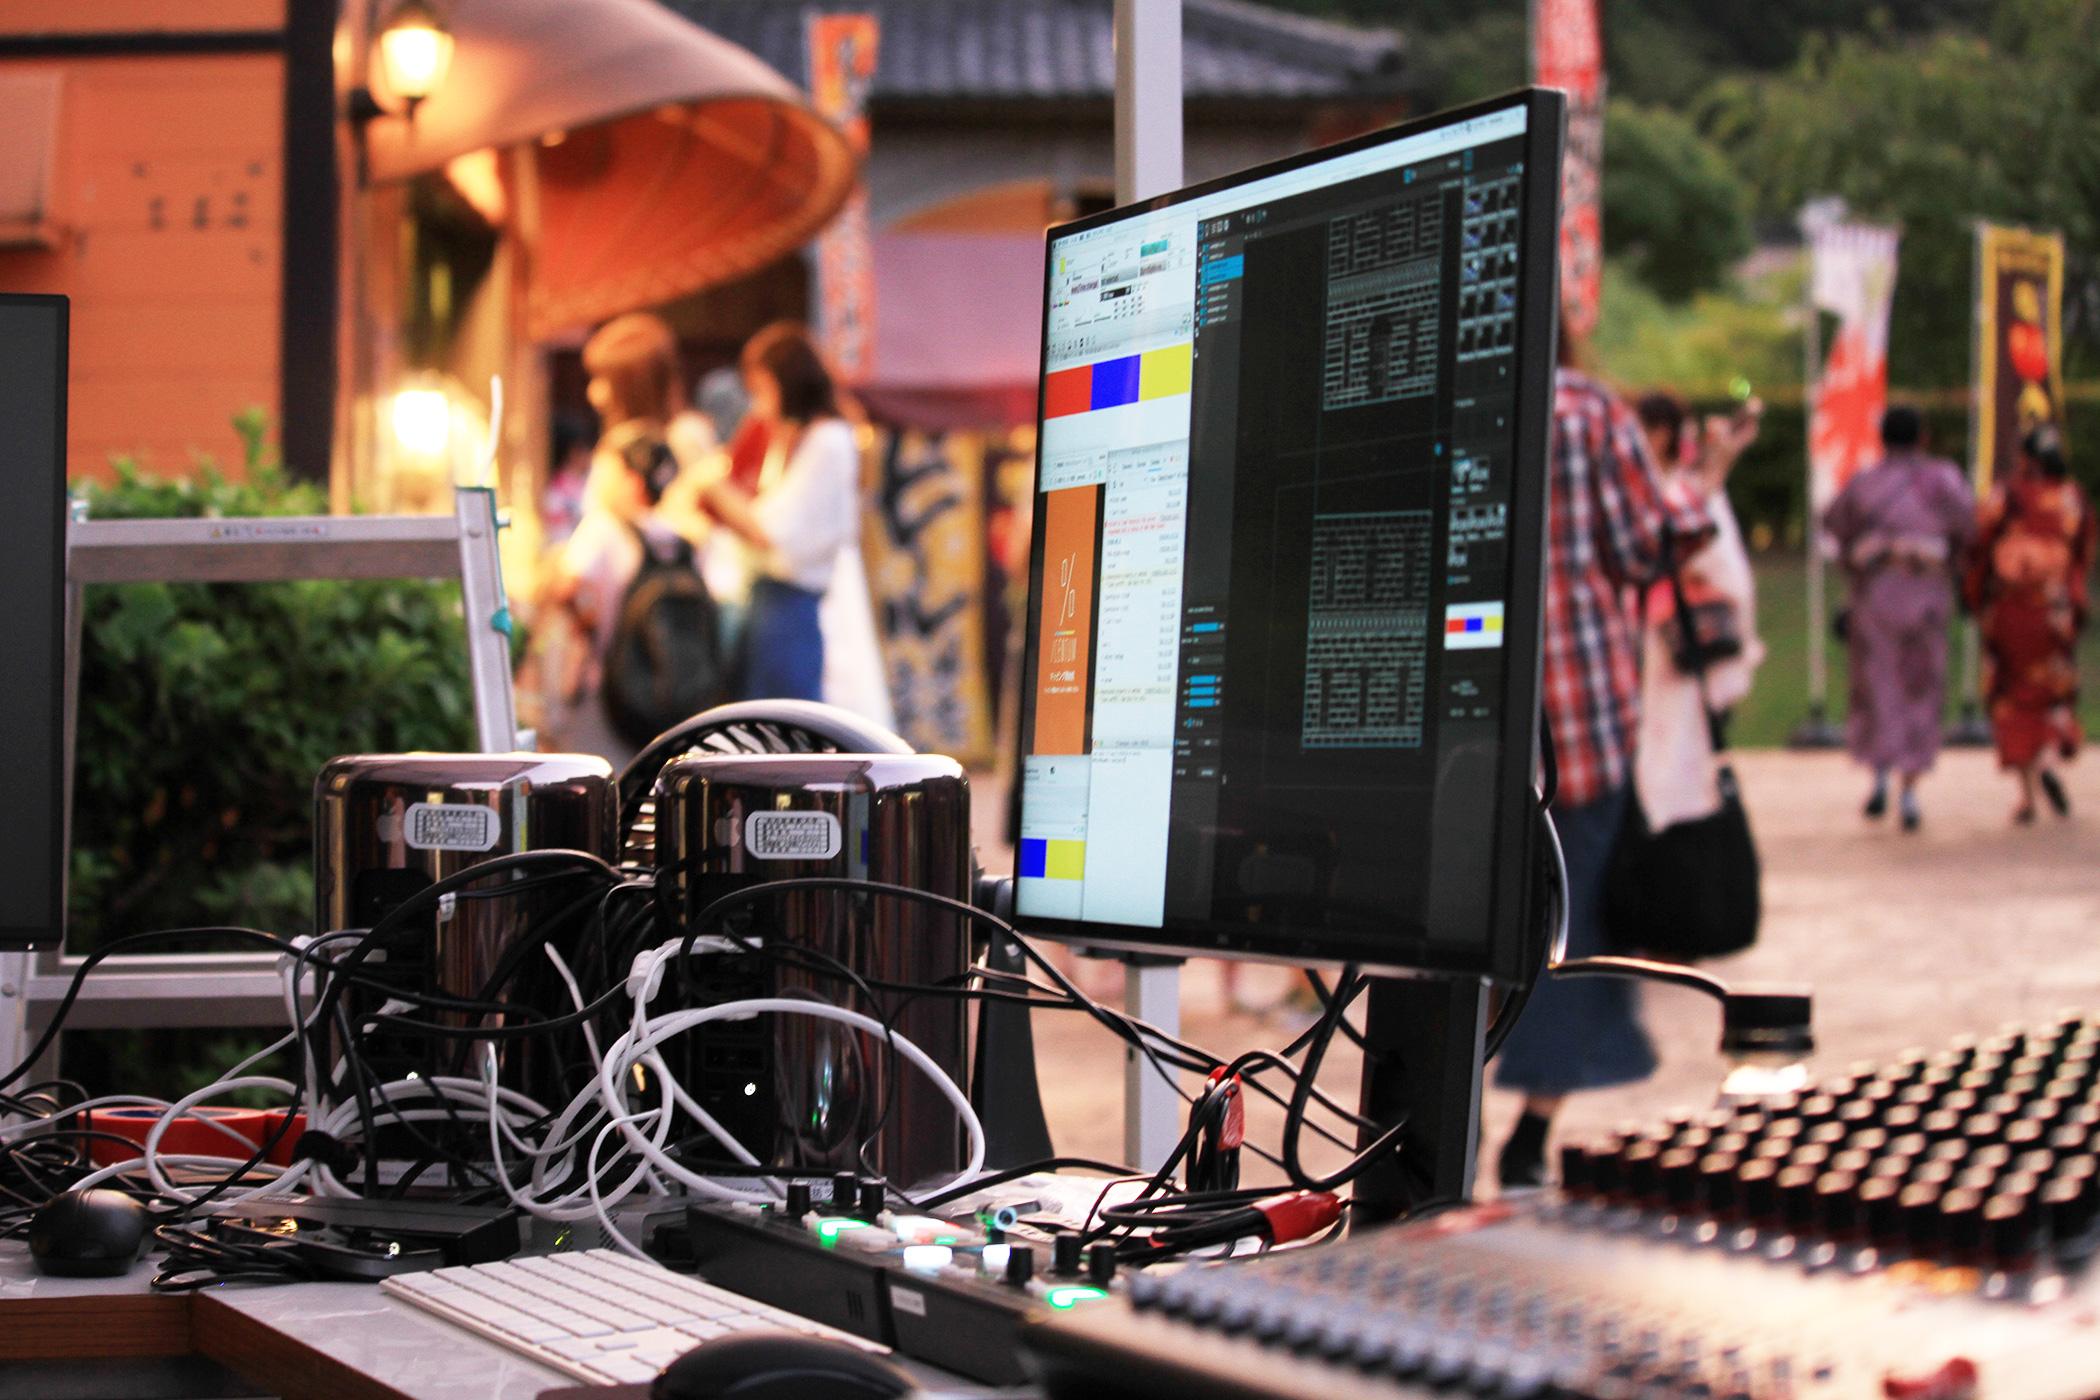 専用ソフトなどを使っているテーマパークでのプロジェクションマッピングの例